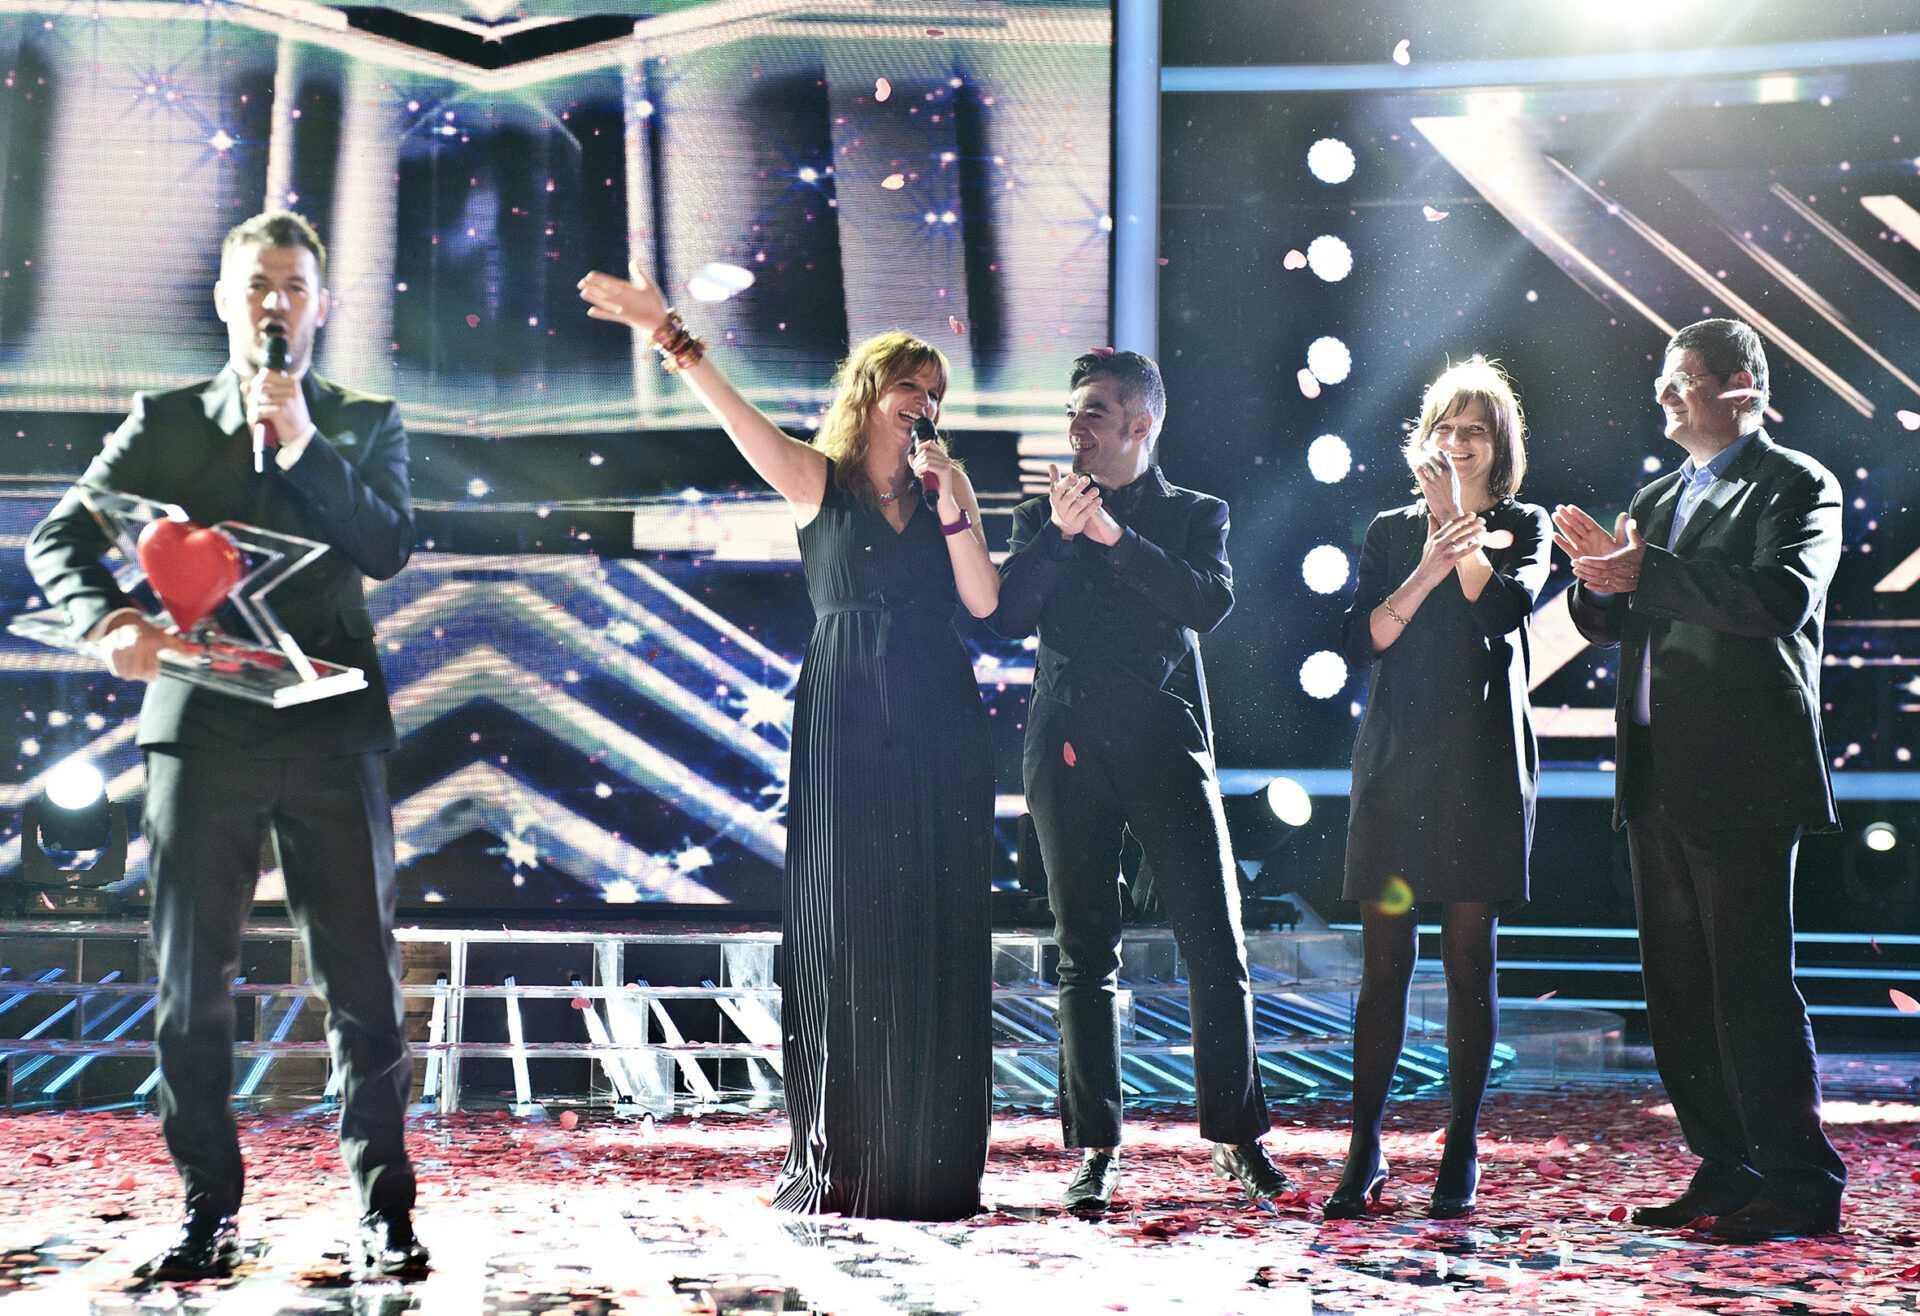 La finale di X Factor sfonda il milione di spettatori medi al primo passaggio | Digitale terrestre: Dtti.it